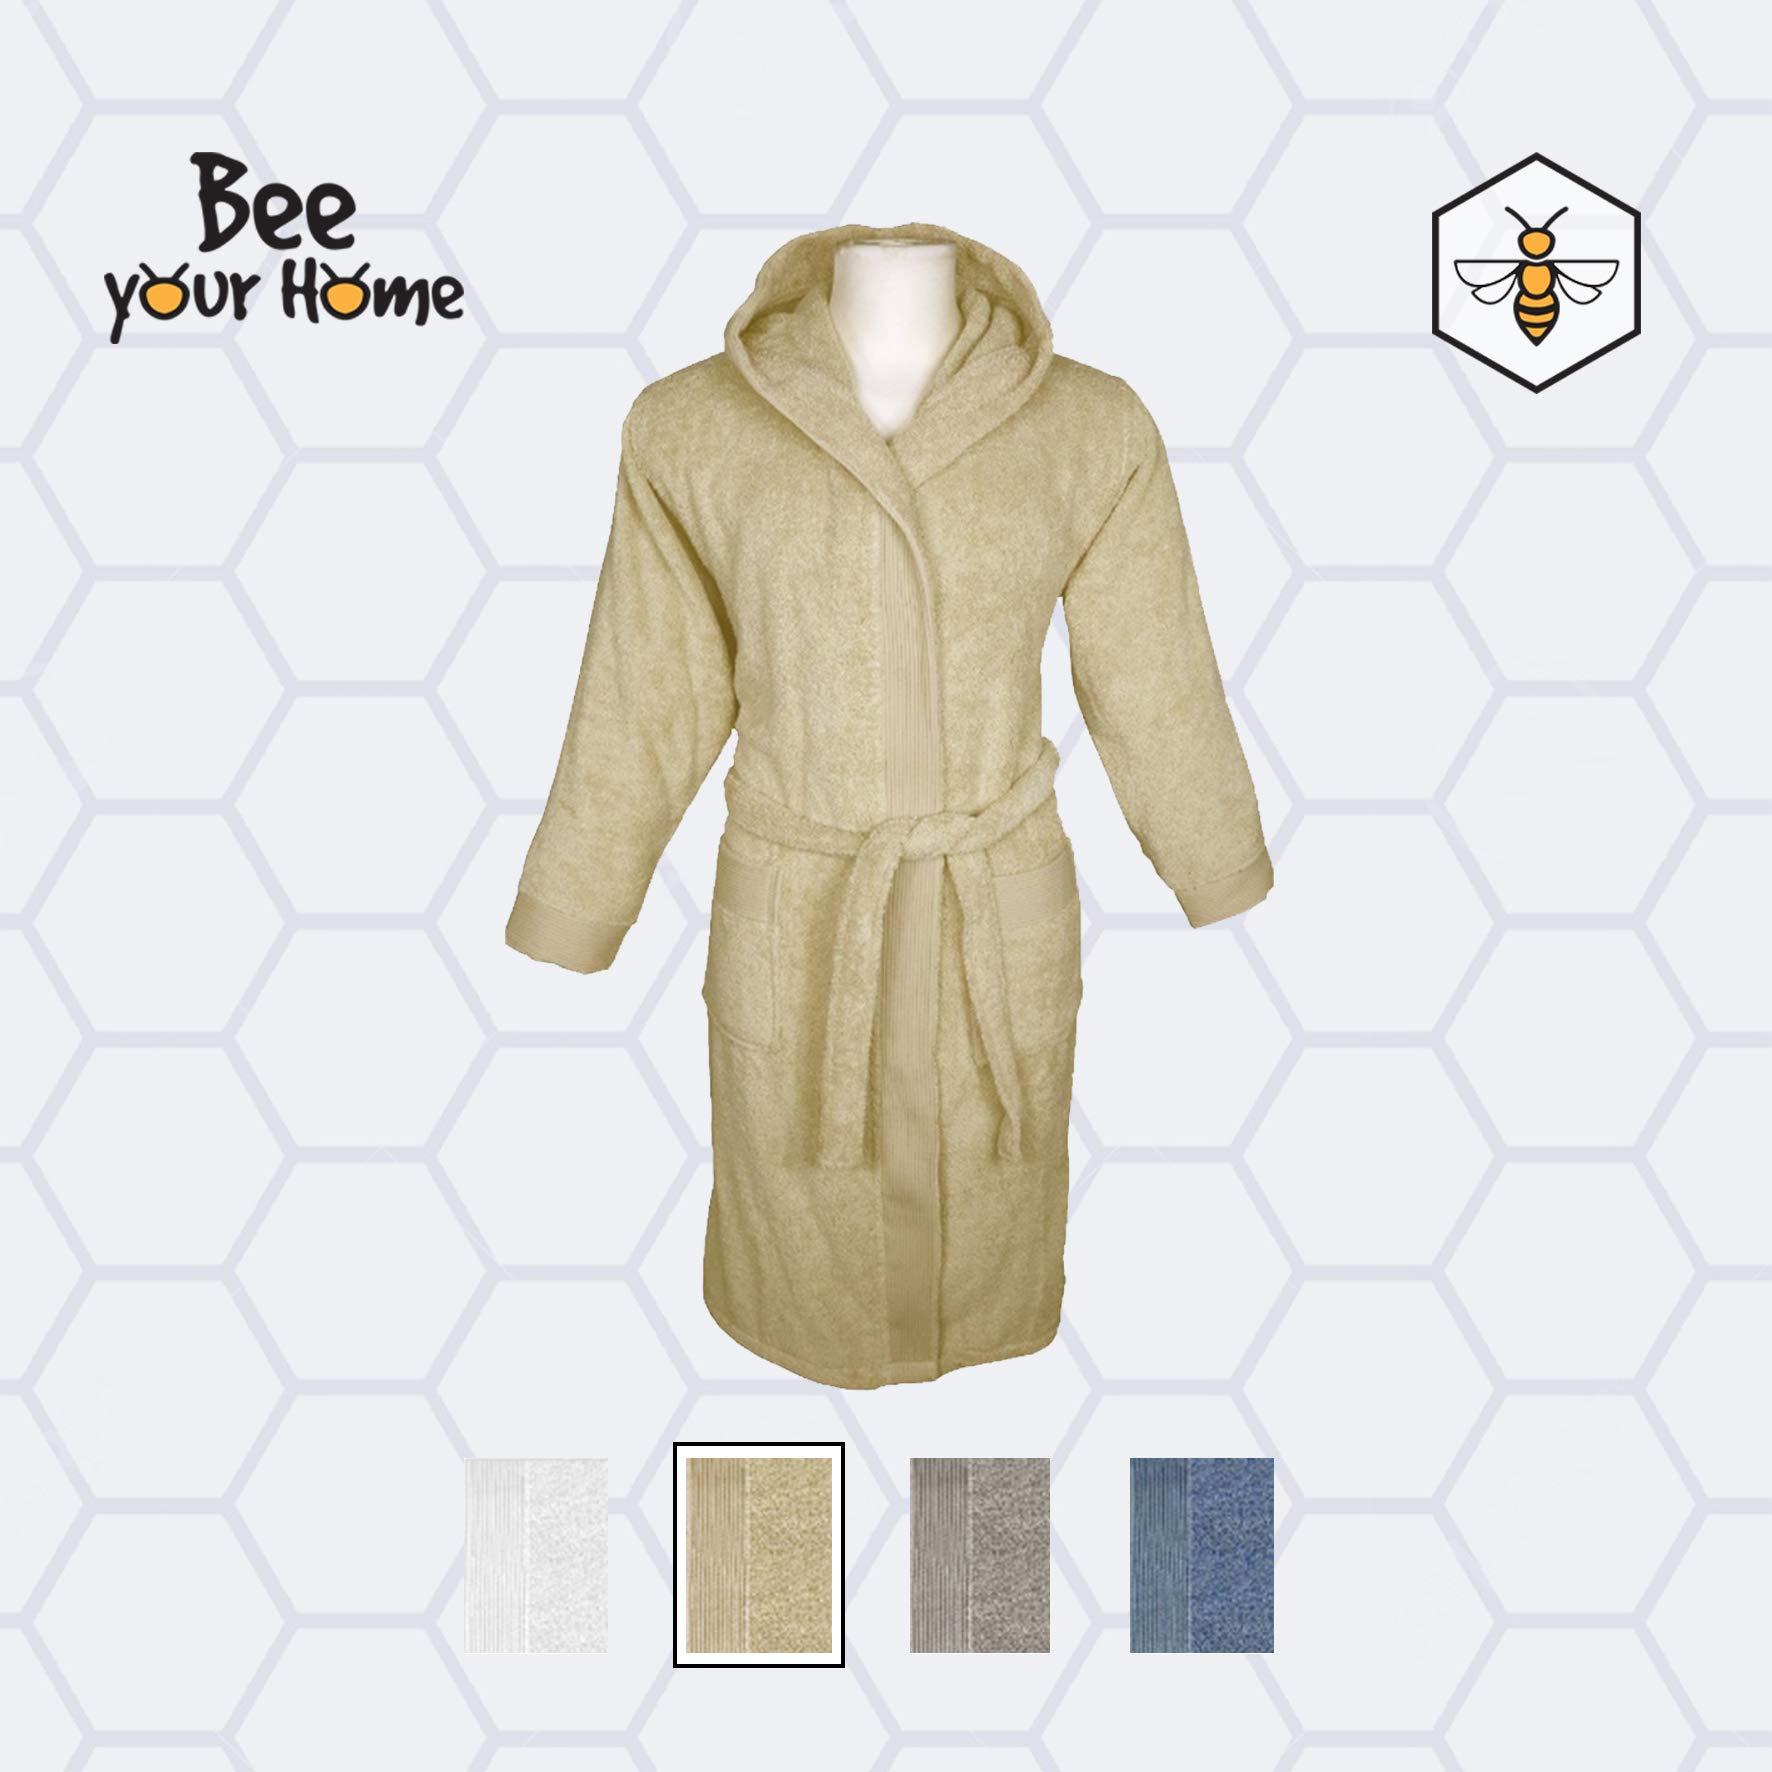 BeeYourHome - Albornoz con capucha de suave rizo 100% algodón para hombre y mujer, disponible en varias tallas y colores: Amazon.es: Hogar